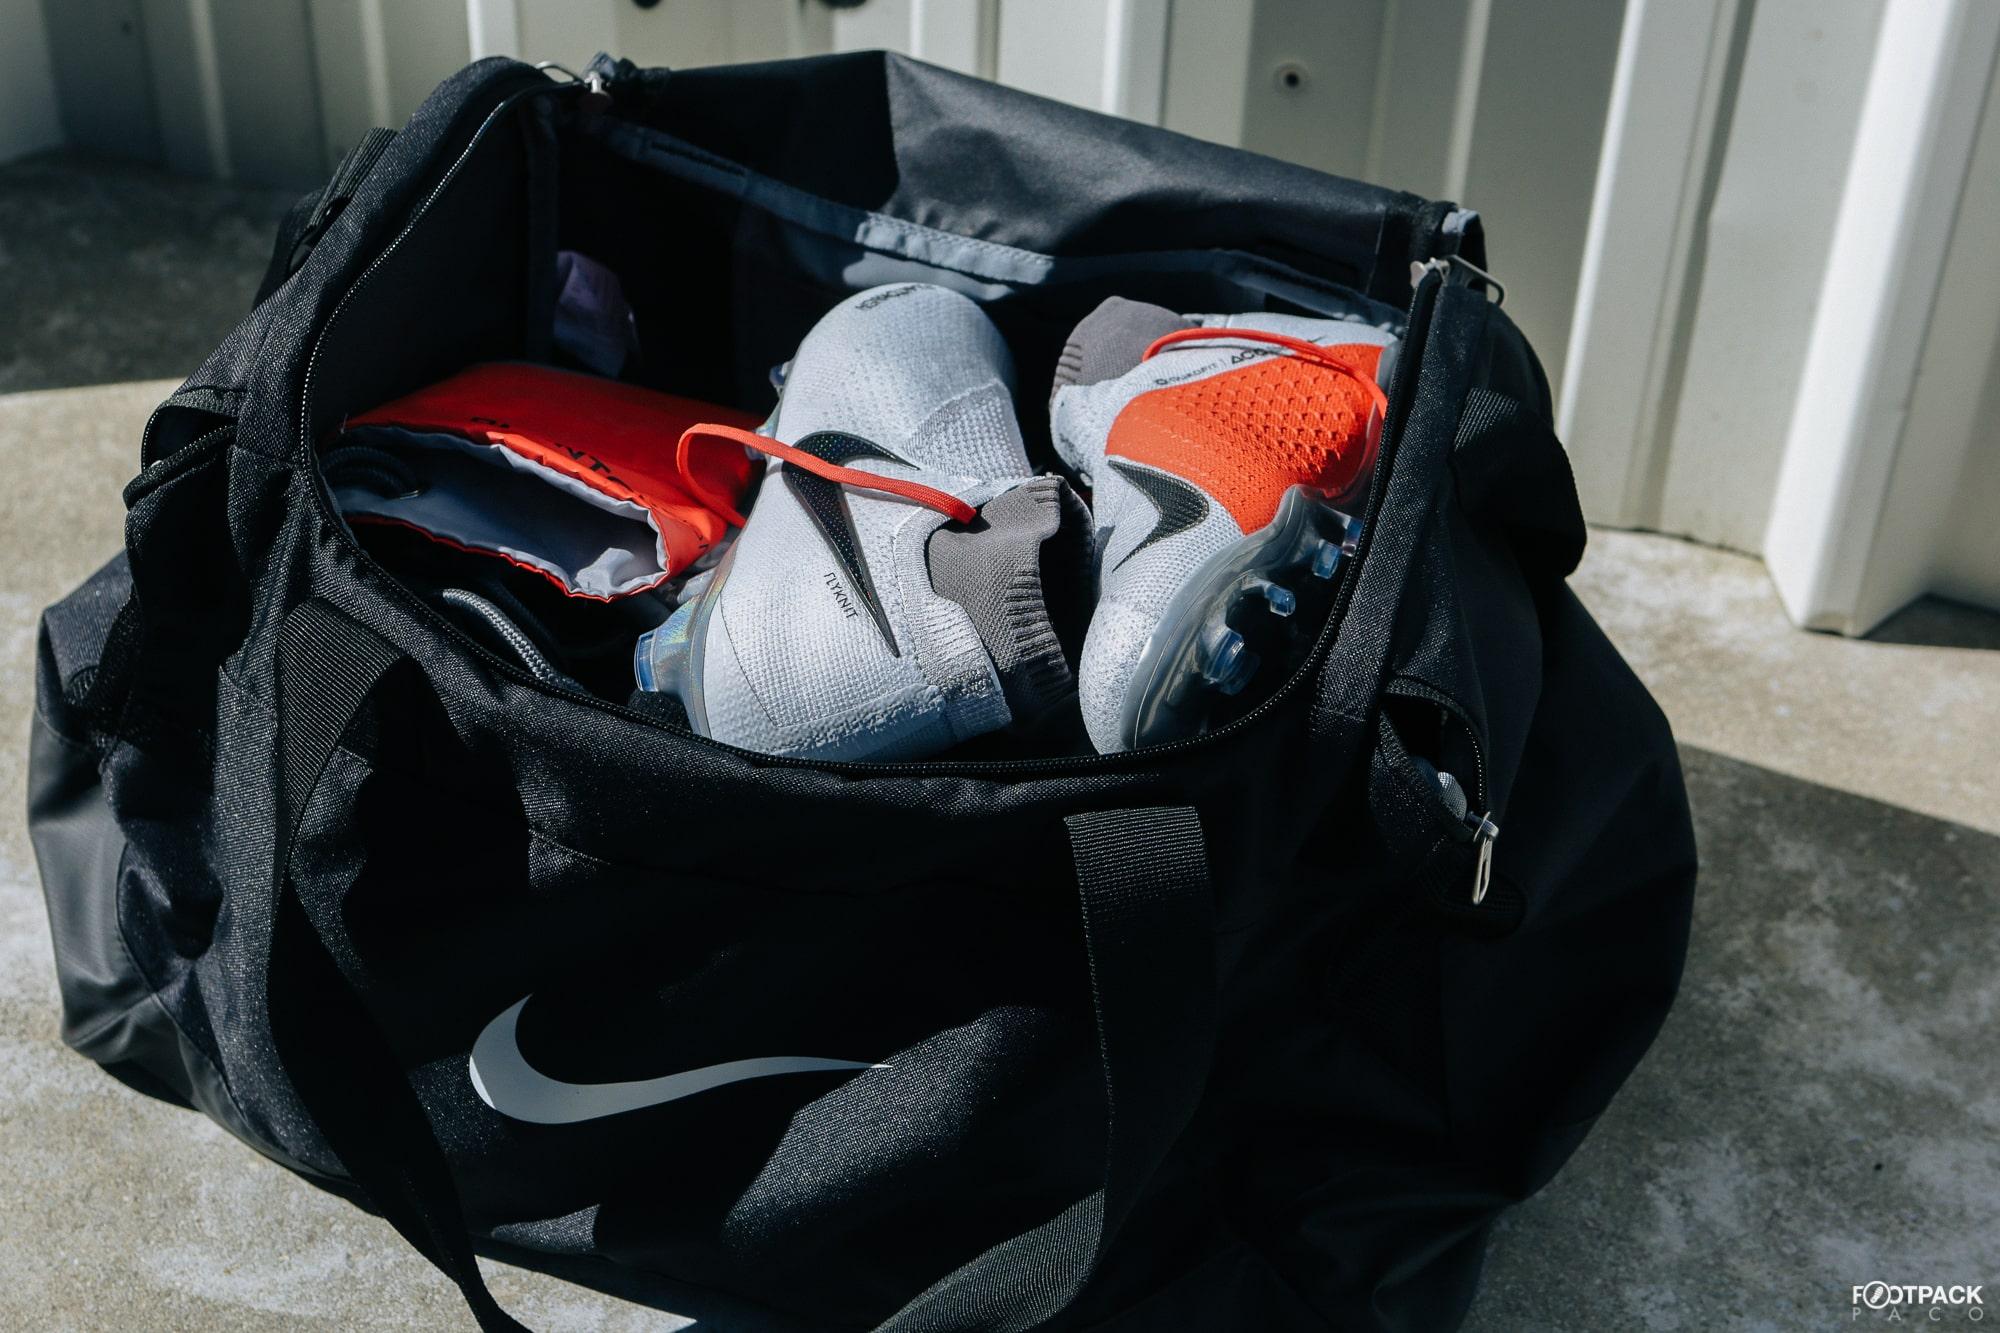 685f36636b Dans mon sac de football pour la reprise...